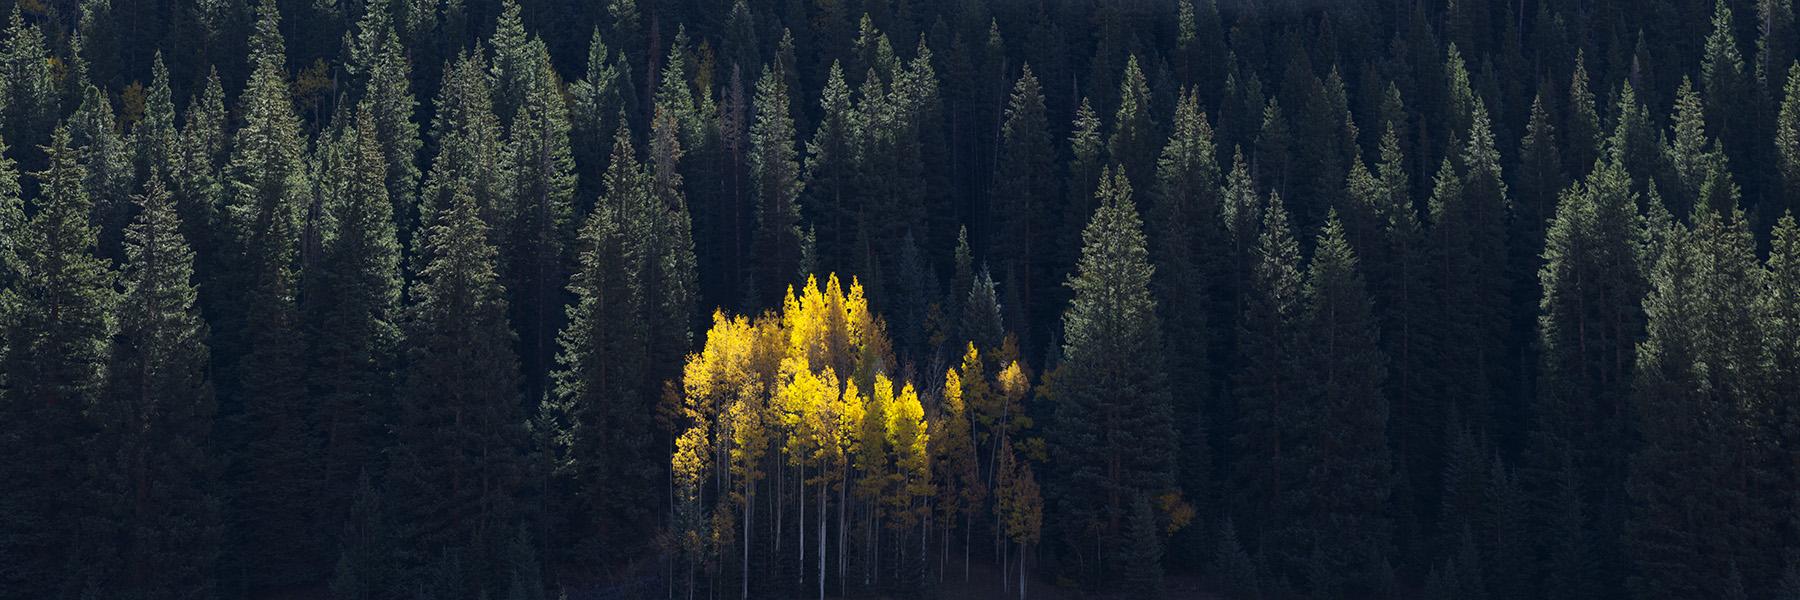 Aspen Glow in Pine Forest Ashcroft CO